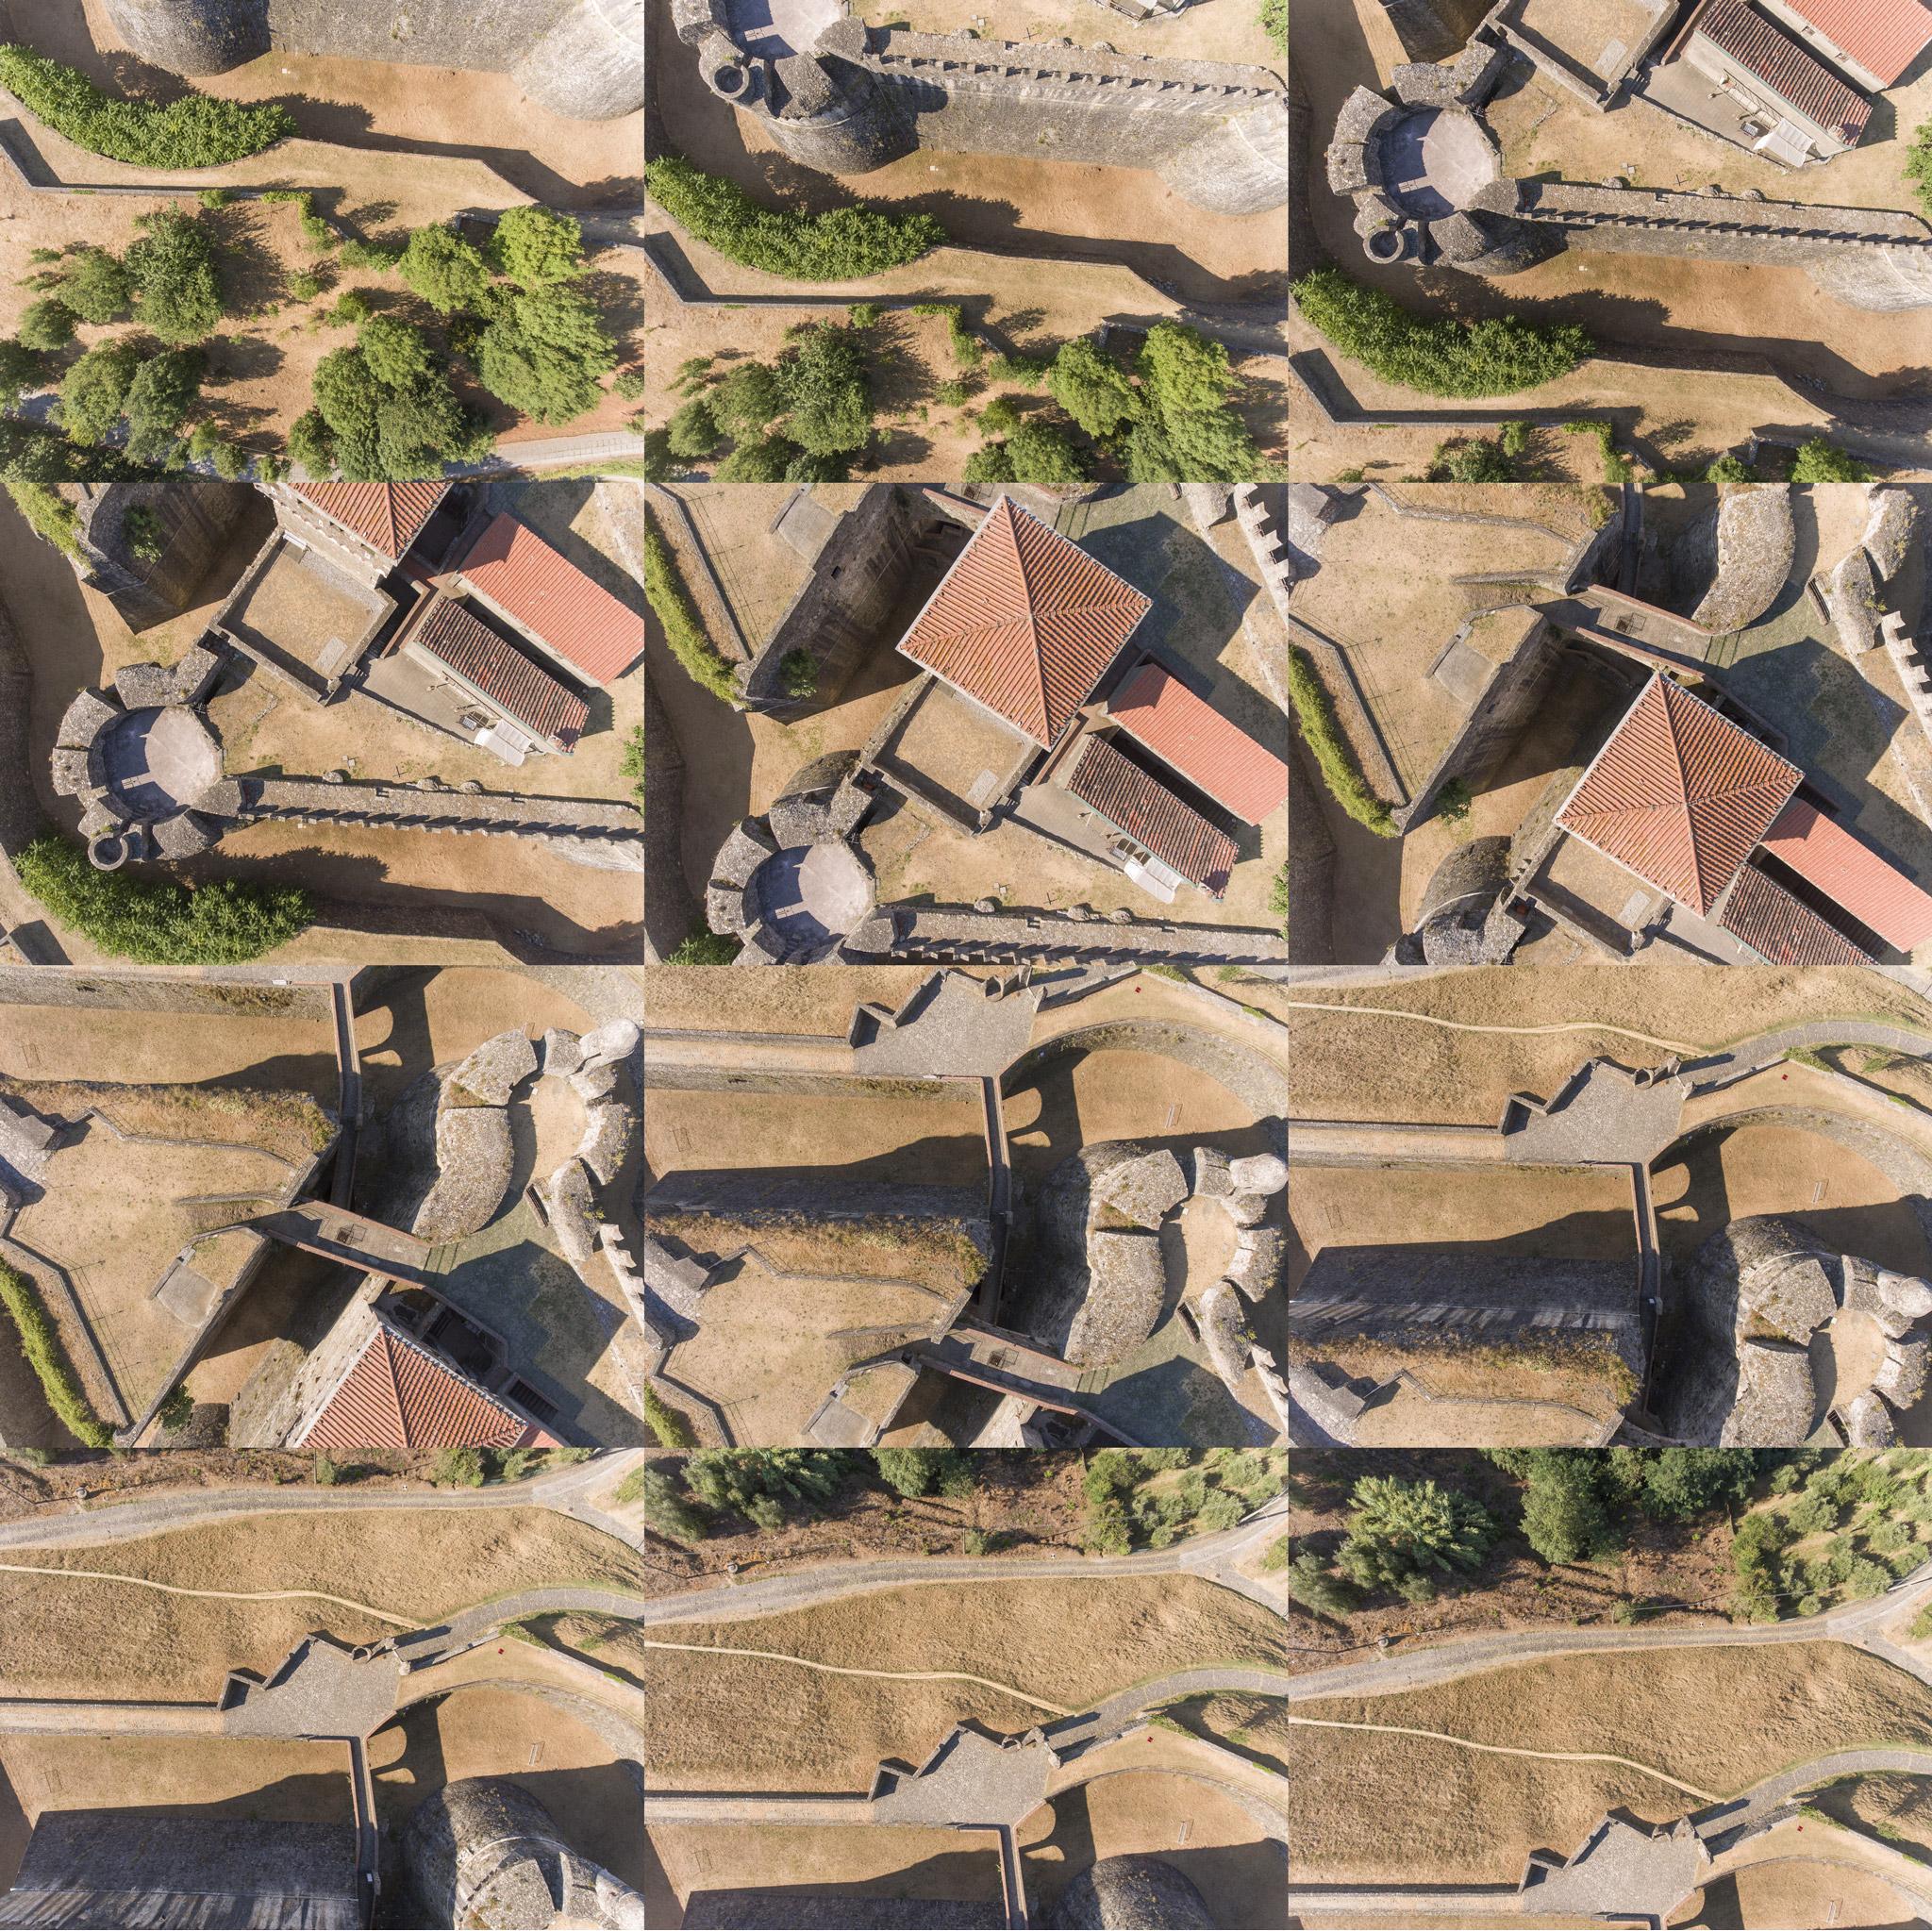 Insieme di foto aeree riprese durante un rilievo aerofotogrammetrico con drone di forte medievale